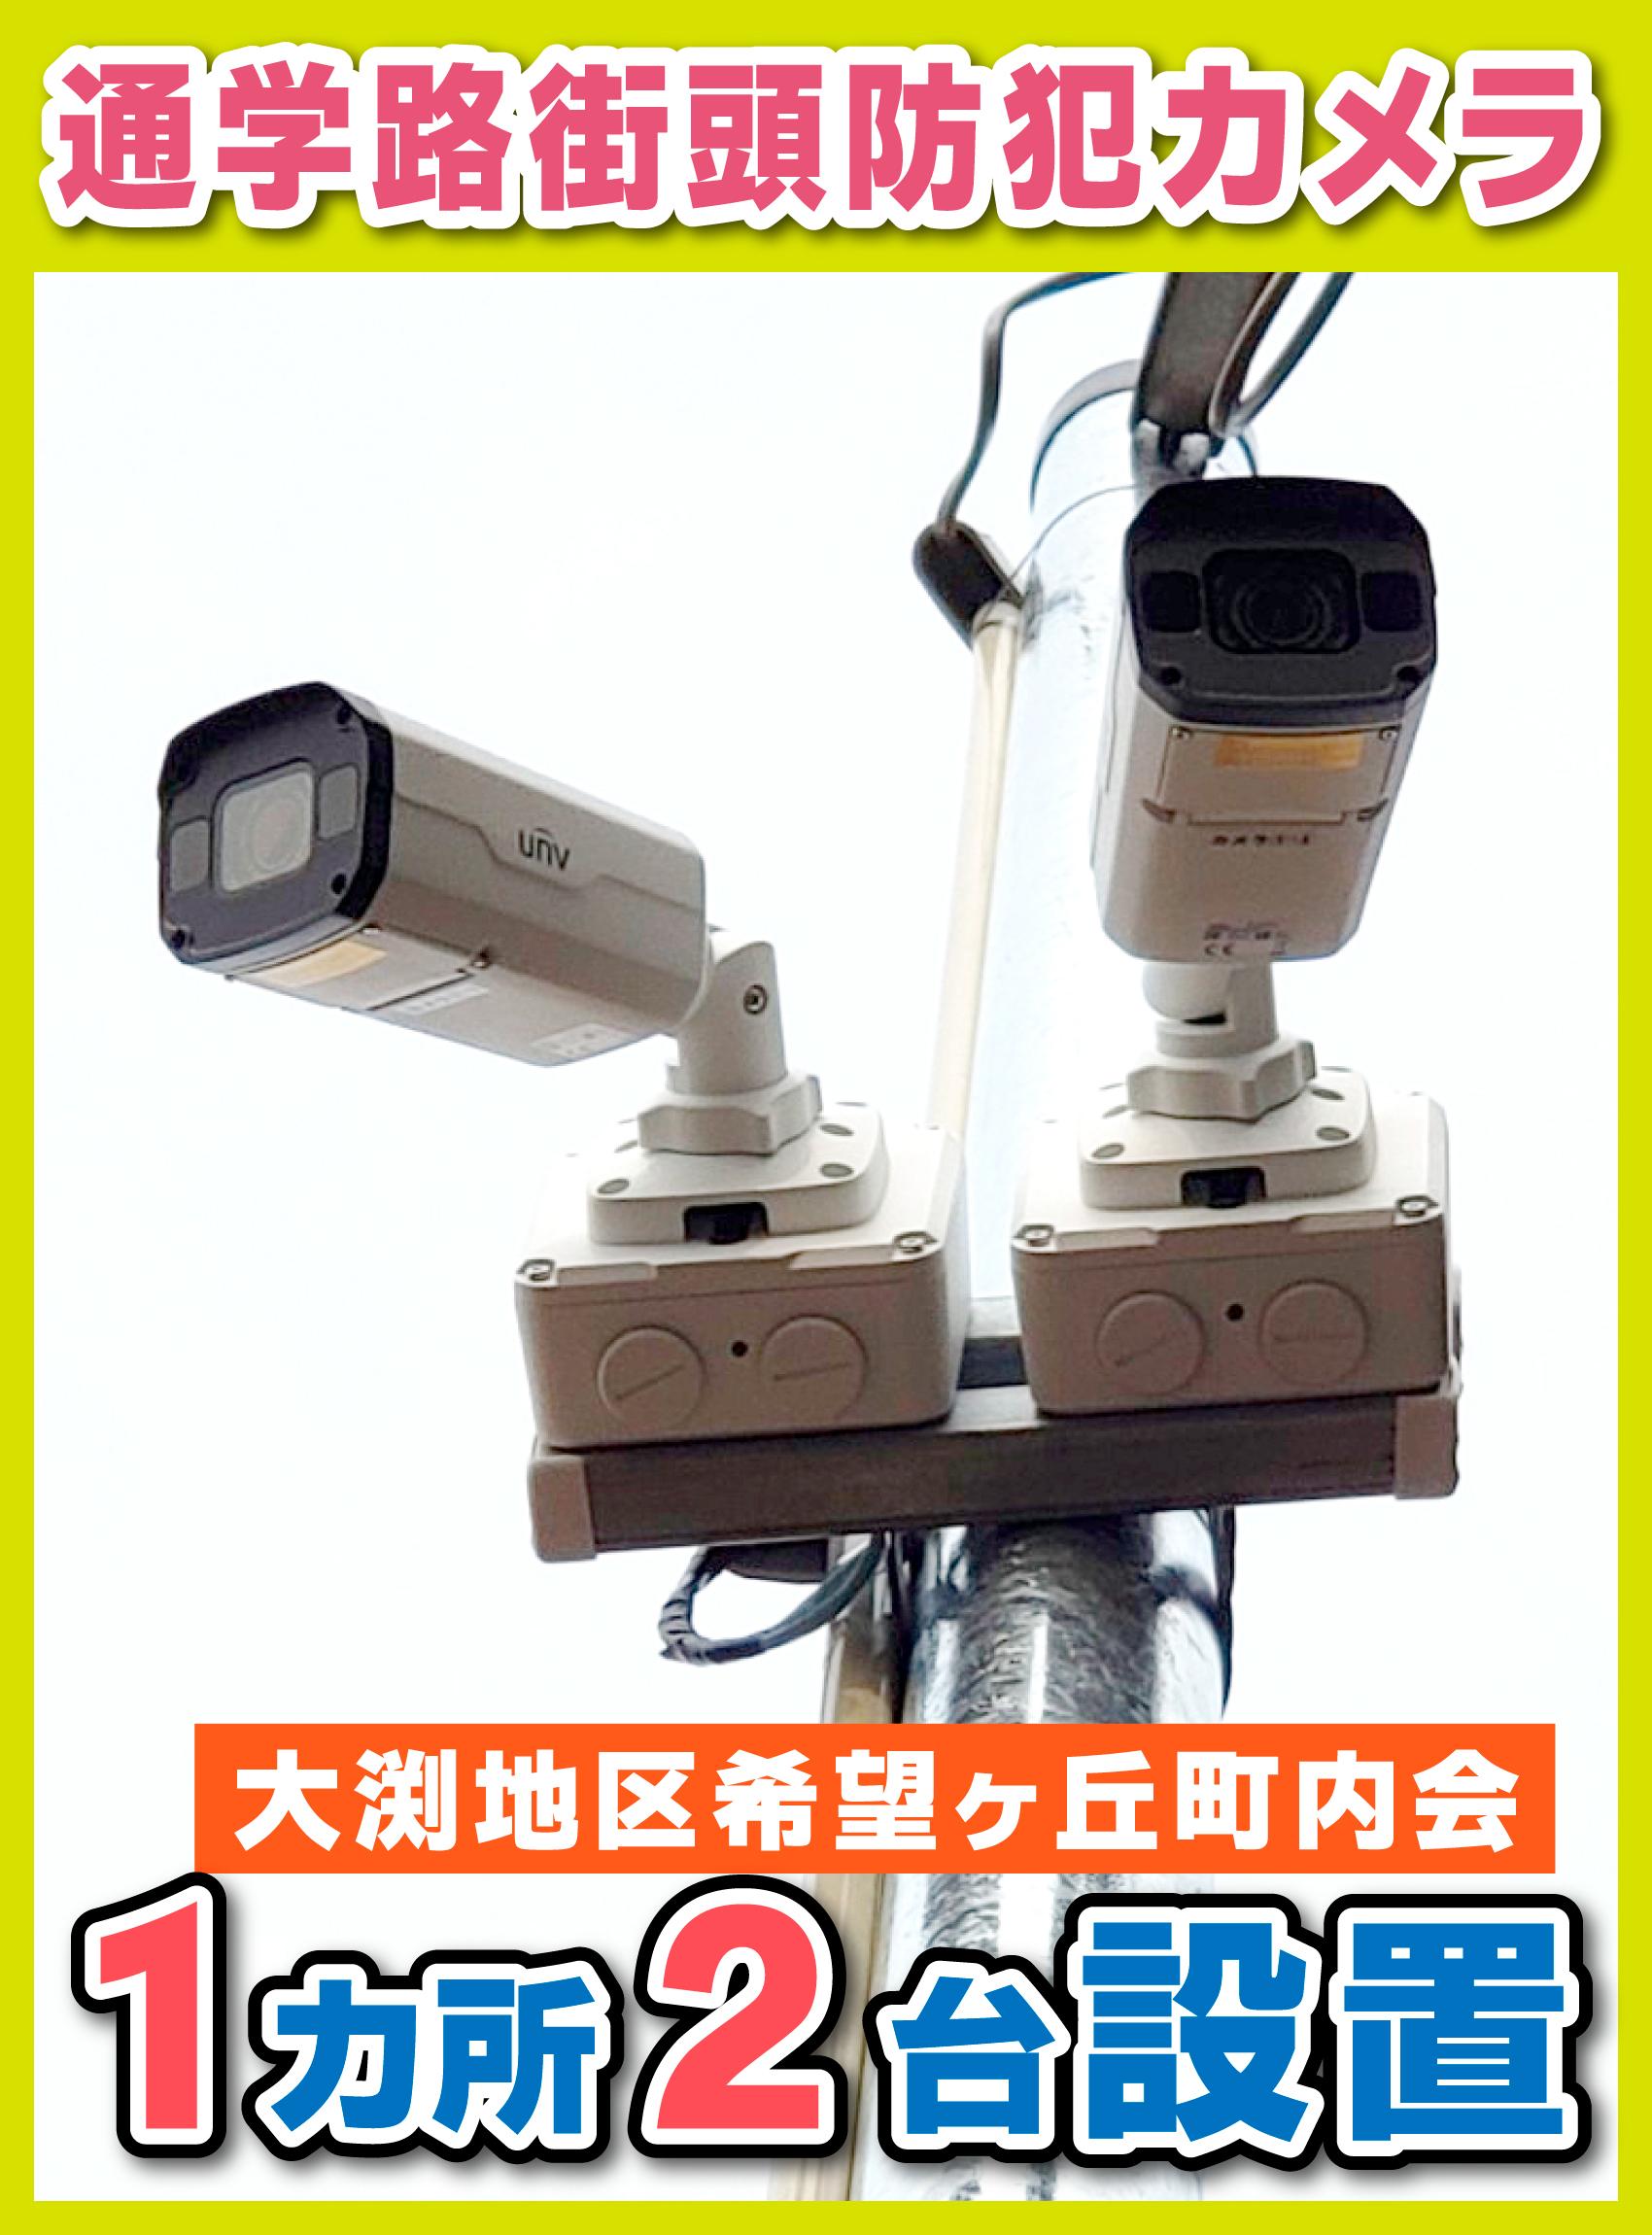 【街頭防犯カメラシリーズ】大渕地区希望ヶ丘町内会様